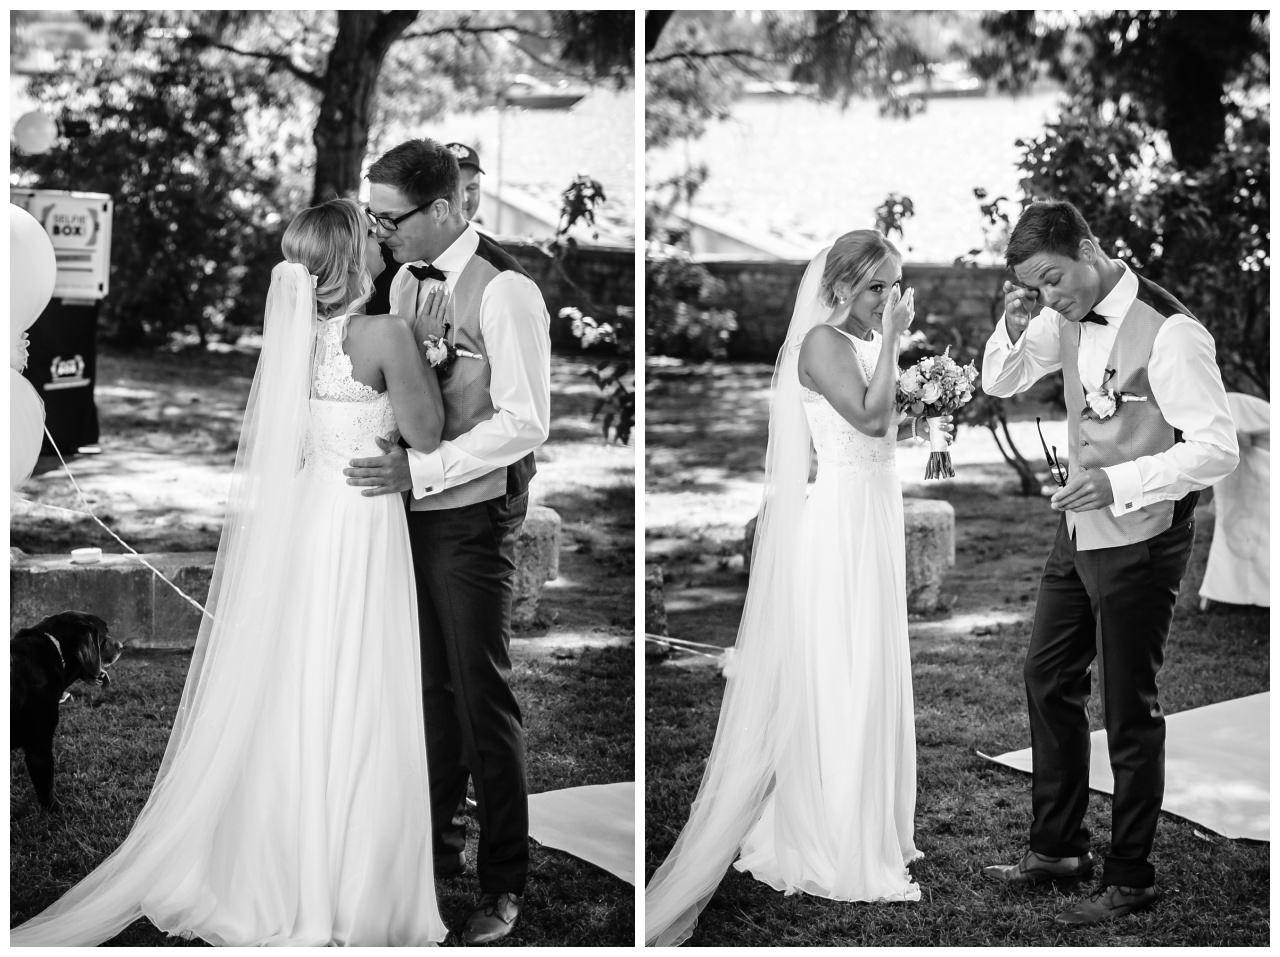 Hochzeit kroatien hochzeitsfotograf hochzeitsfotos 43 - Hochzeit in Kroatien